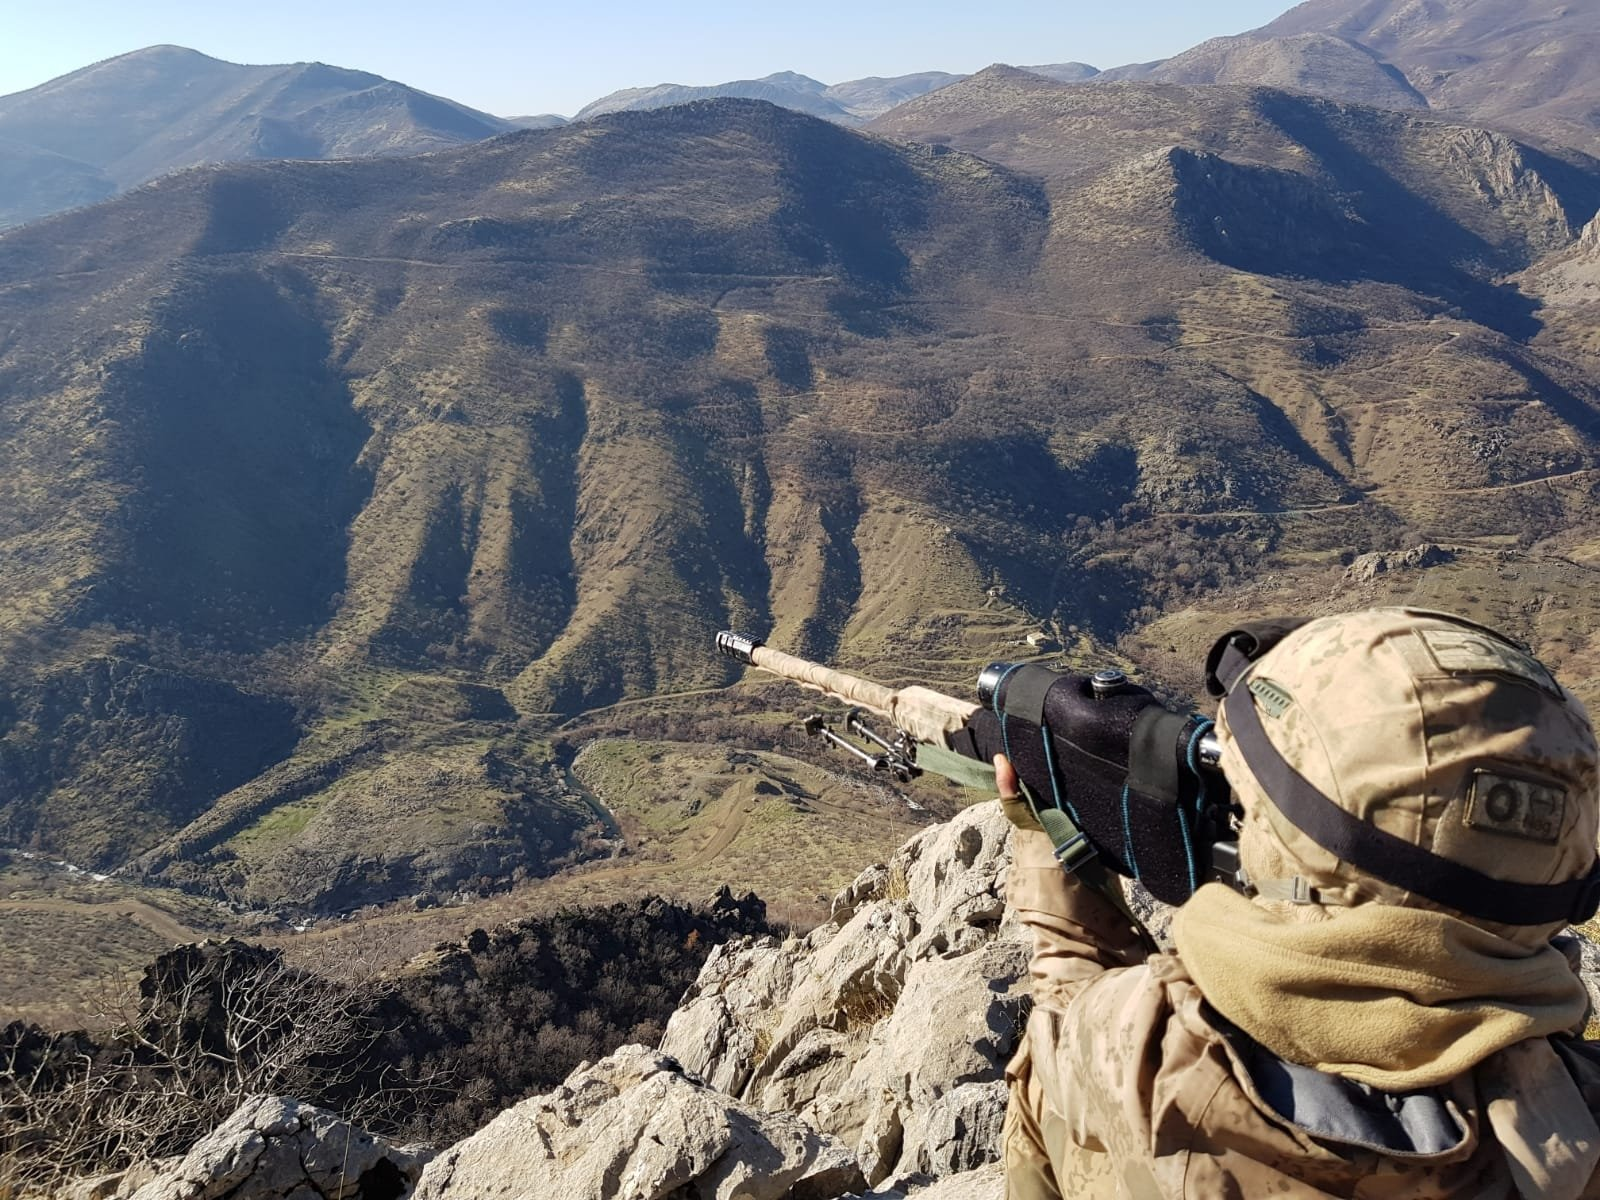 A Turkish soldier participates in Operation Kıran-8 in rural Bitlis, Turkey, Dec. 20, 2019. (AA File Photo)